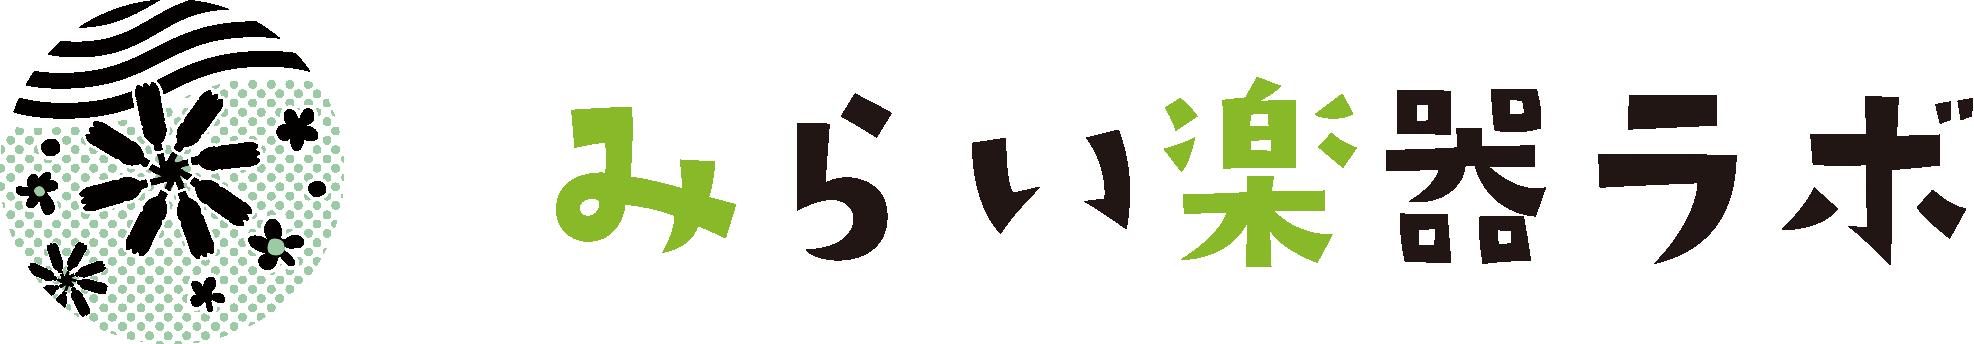 みらい楽器ラボ / Mirai instruments Lab by Sou